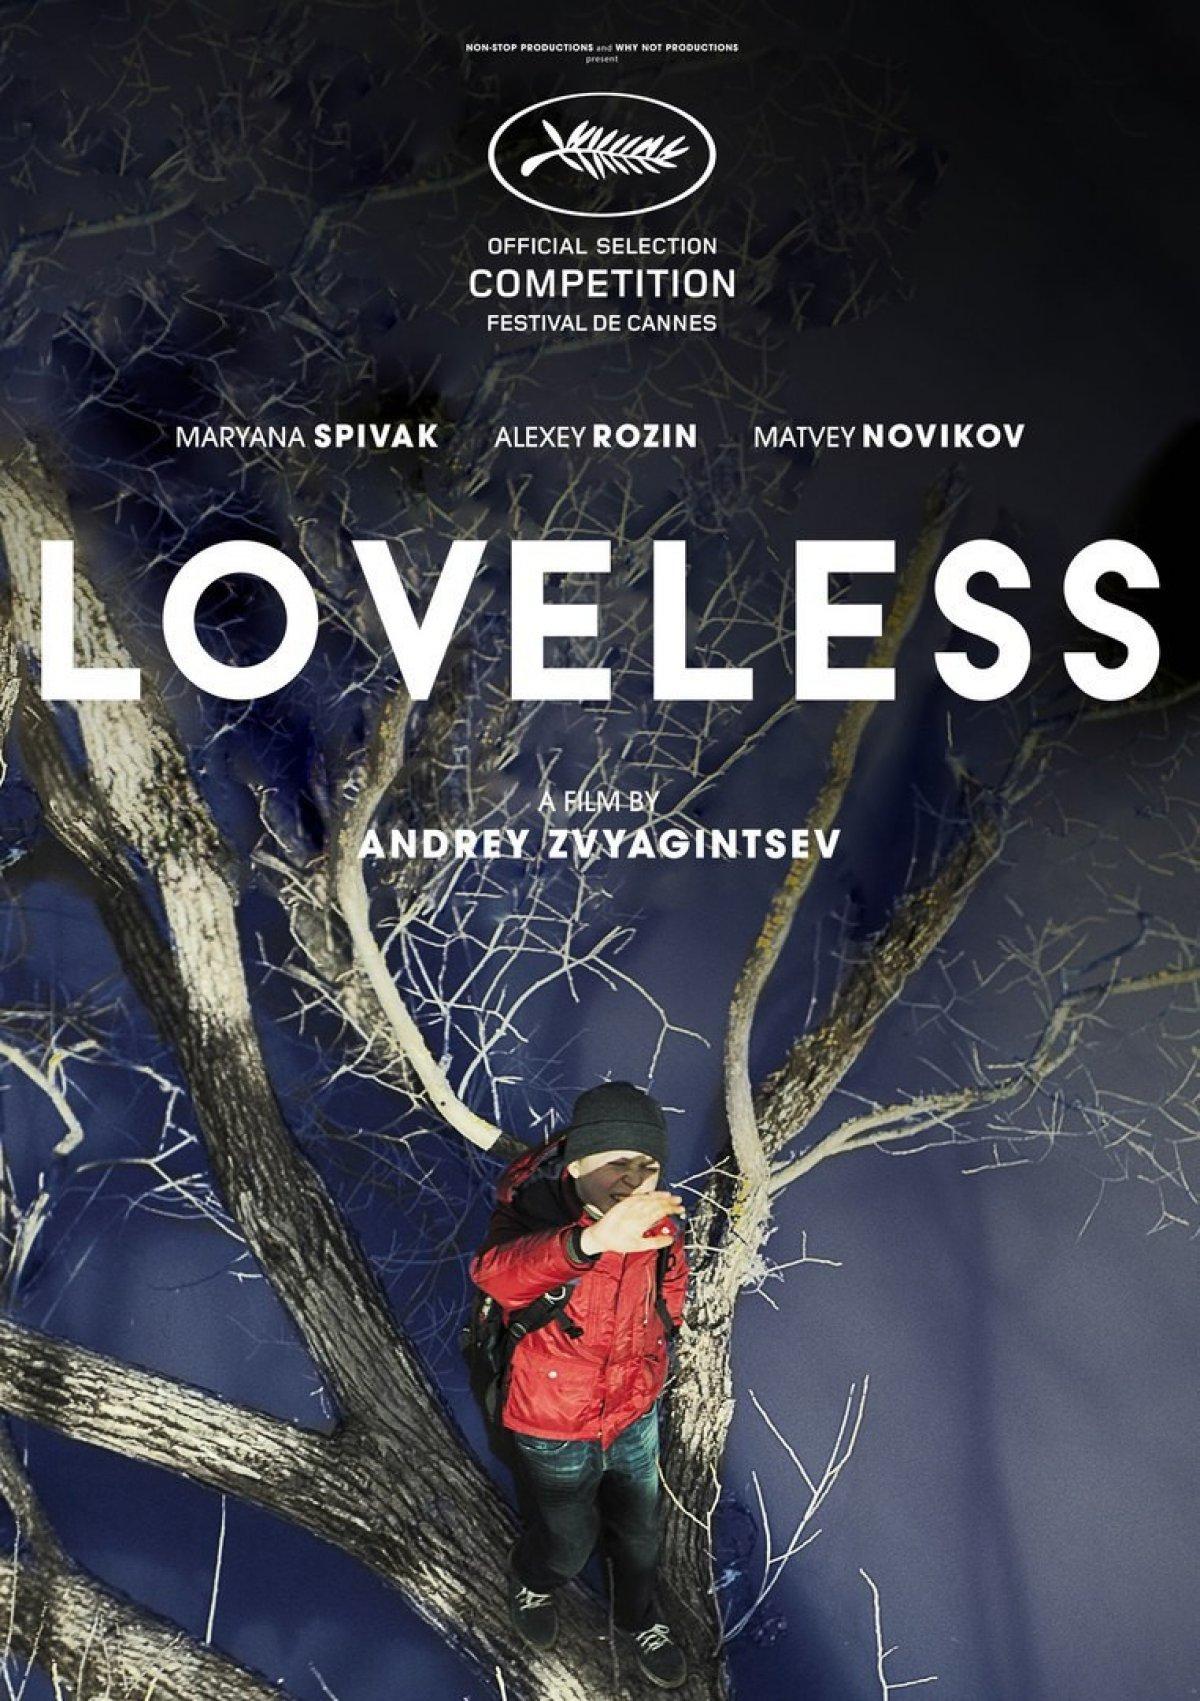 Россия выдвинула «Нелюбовь» на «Оскар»